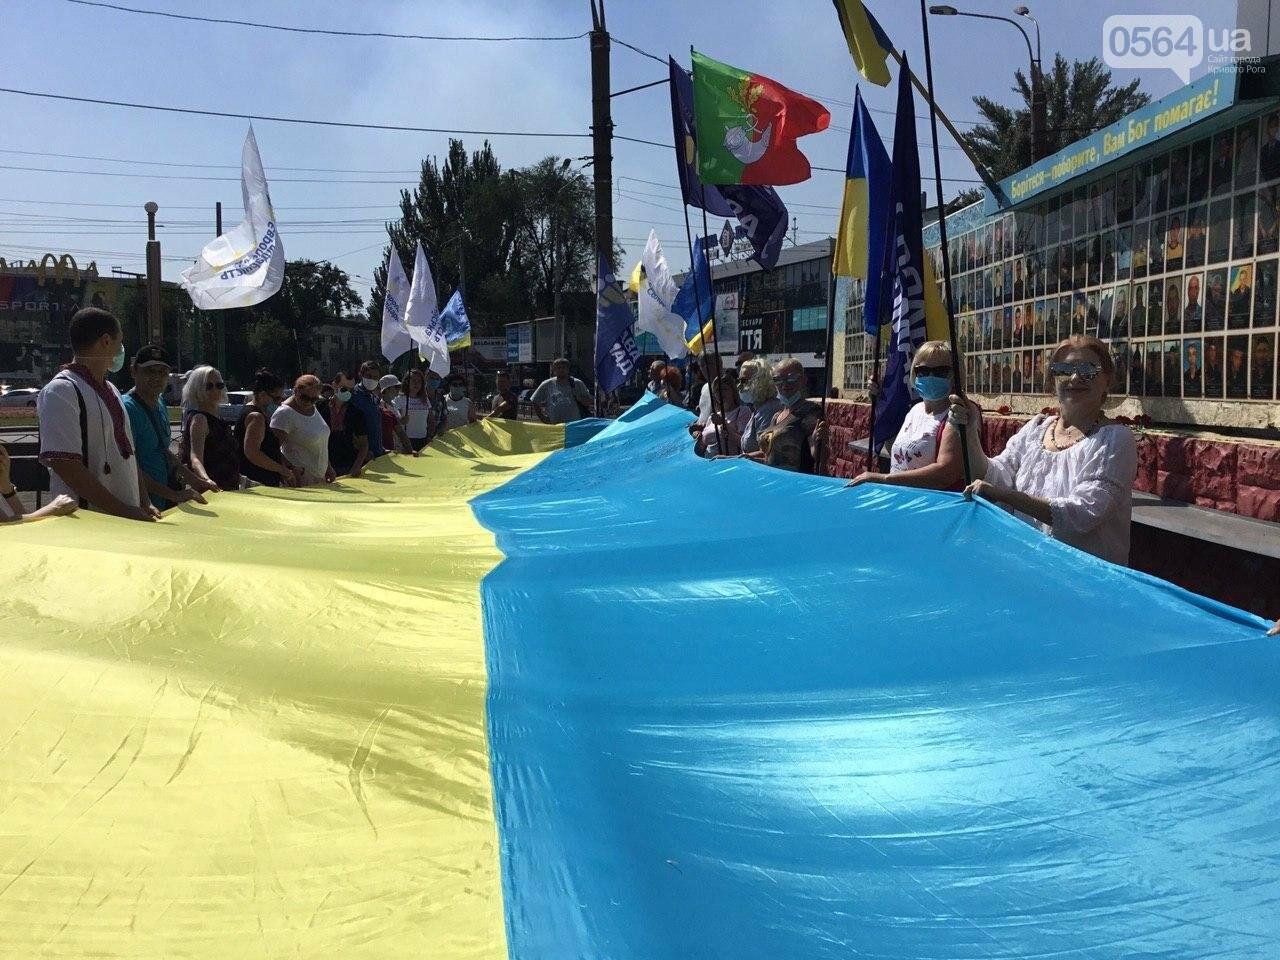 """""""Українці - брати, Разом ми - сила!"""", - какие пожелания и призывы написали криворожане на Знамени Единства, - ФОТО, ВИДЕО, фото-8"""